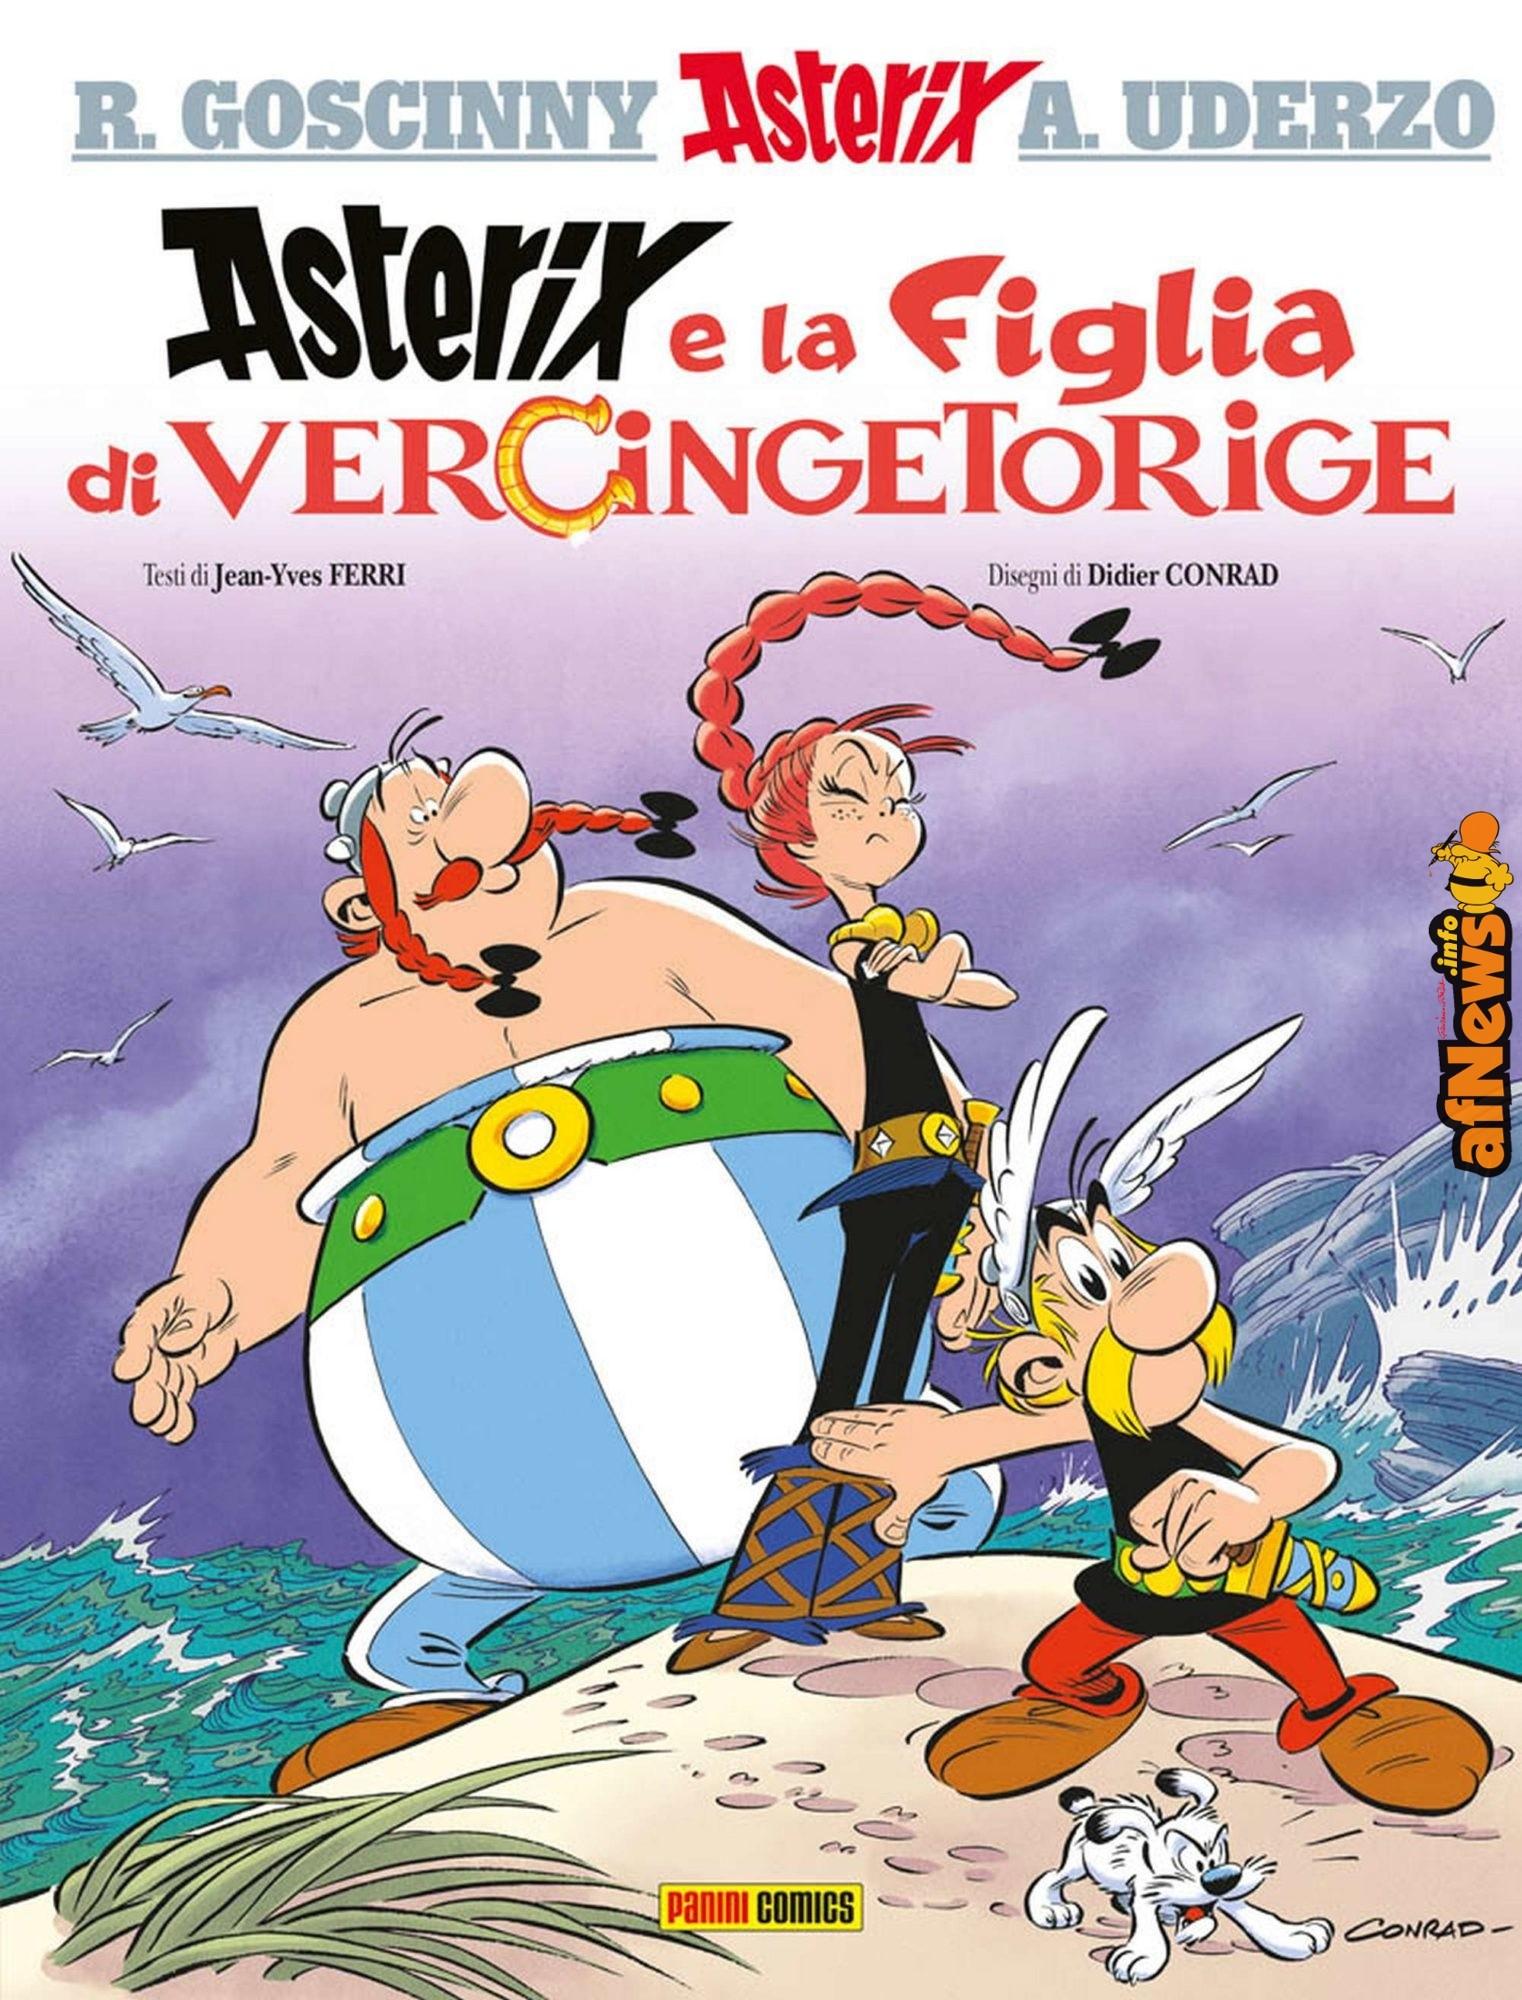 Asterix e la figlia di vercin orige LOW afnews 1522x2000